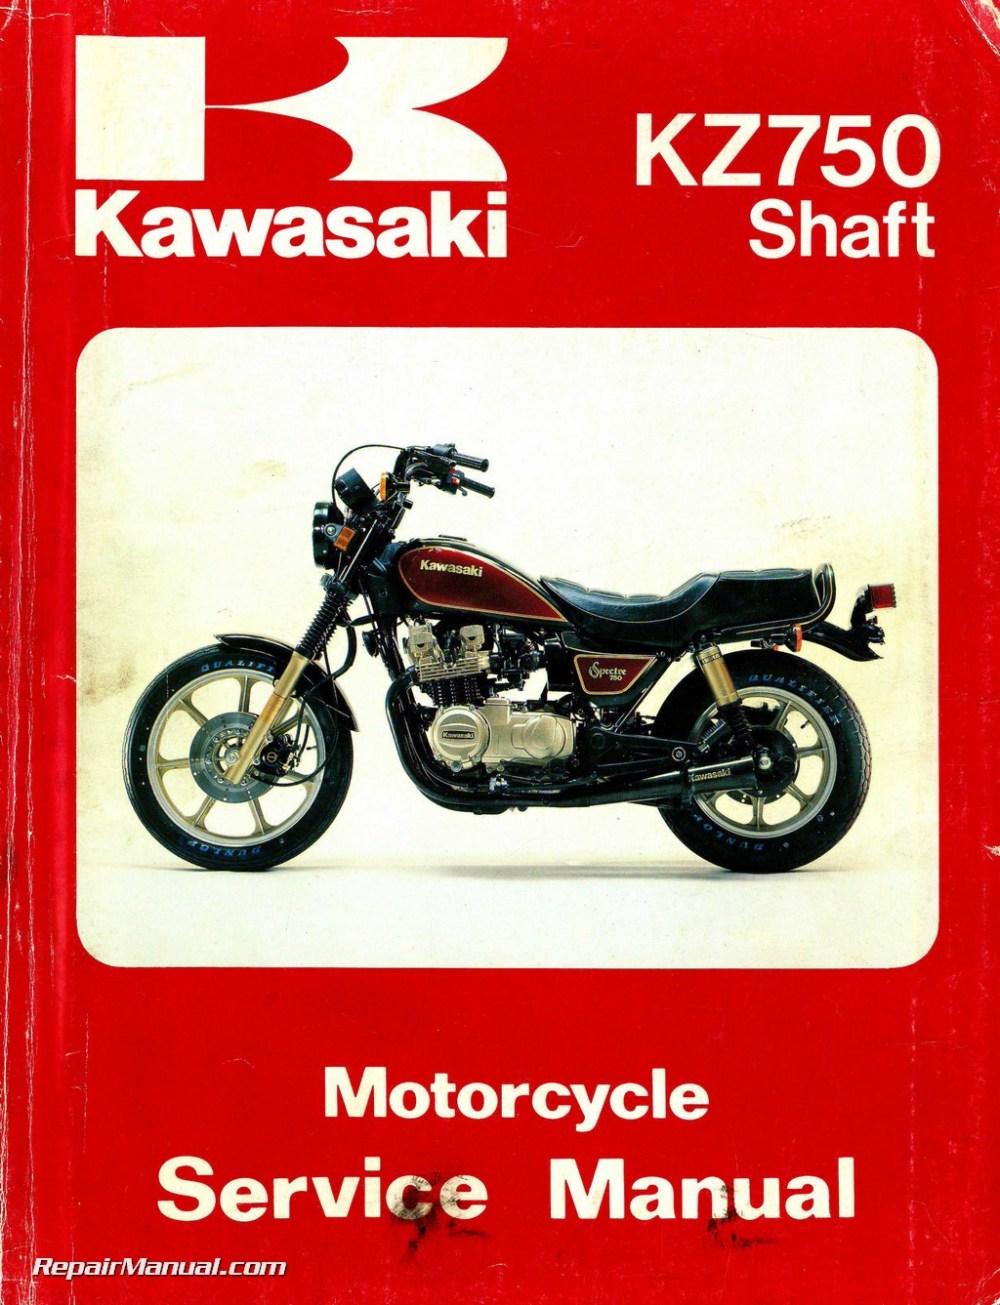 medium resolution of wiring diagram 1981 kawasaki k z 750 wiring diagram forward kawasaki kz750 manual kz750n kz750p z750 zn700